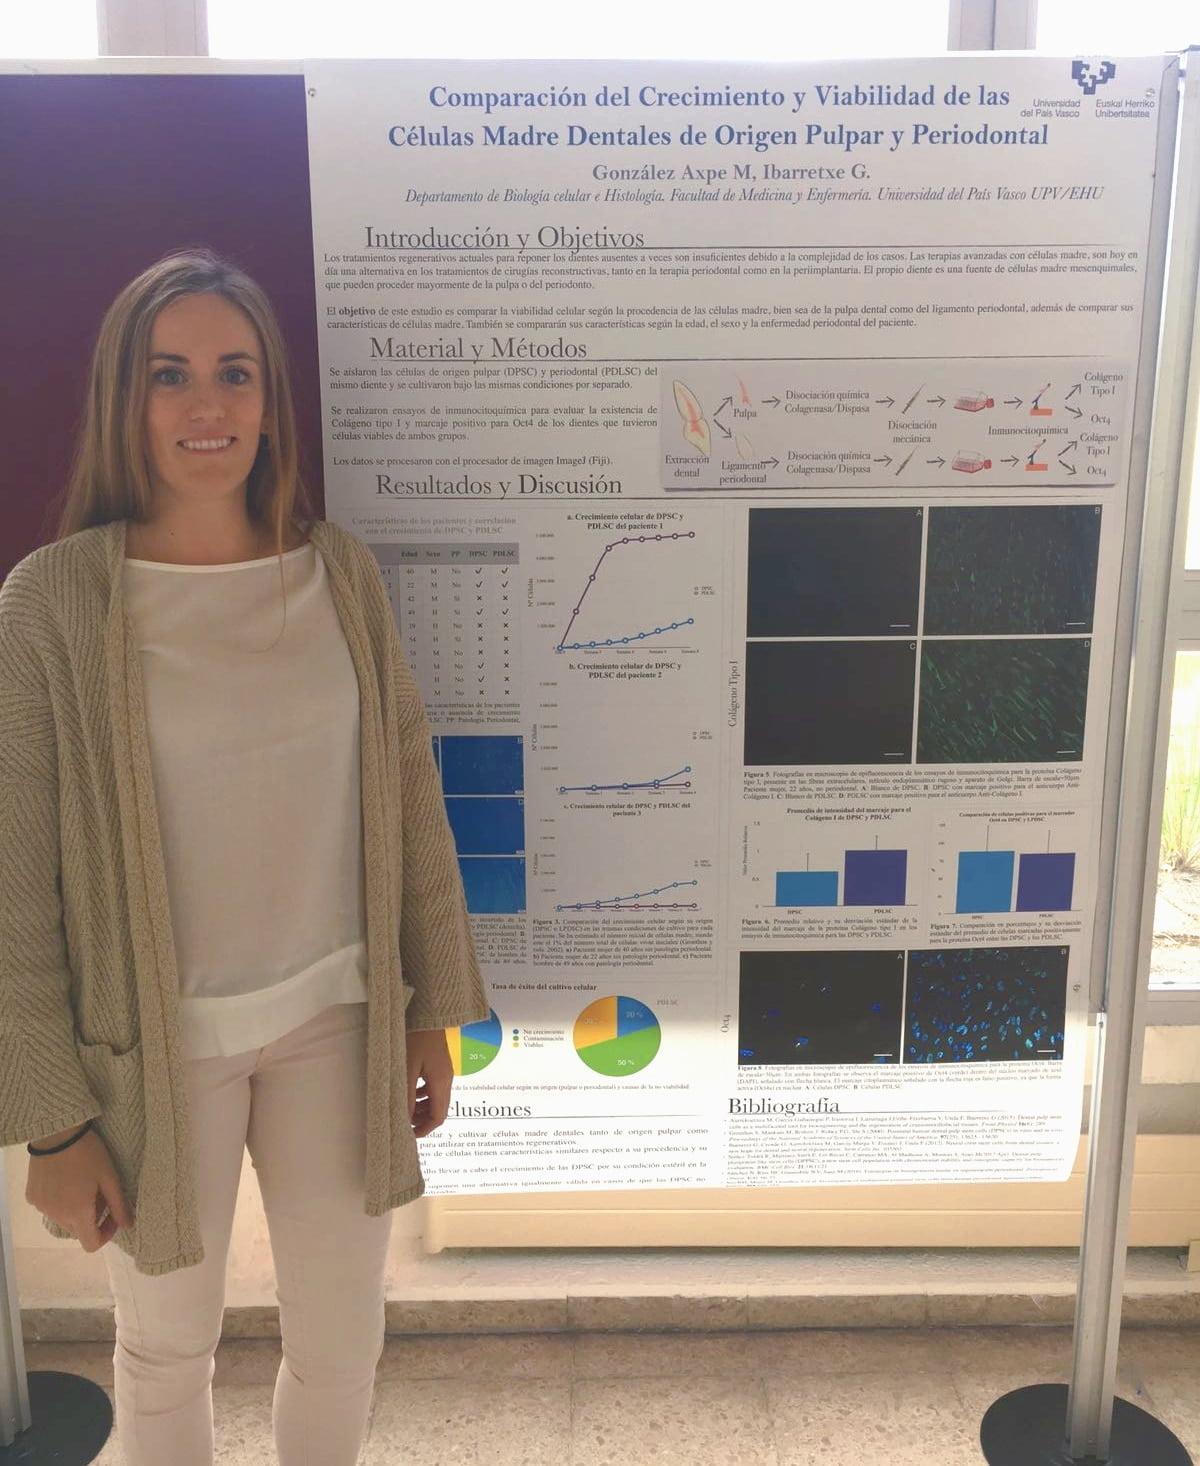 La Dra. Gonzalez presenta su trabajo del Máster de Investigación Biomédica